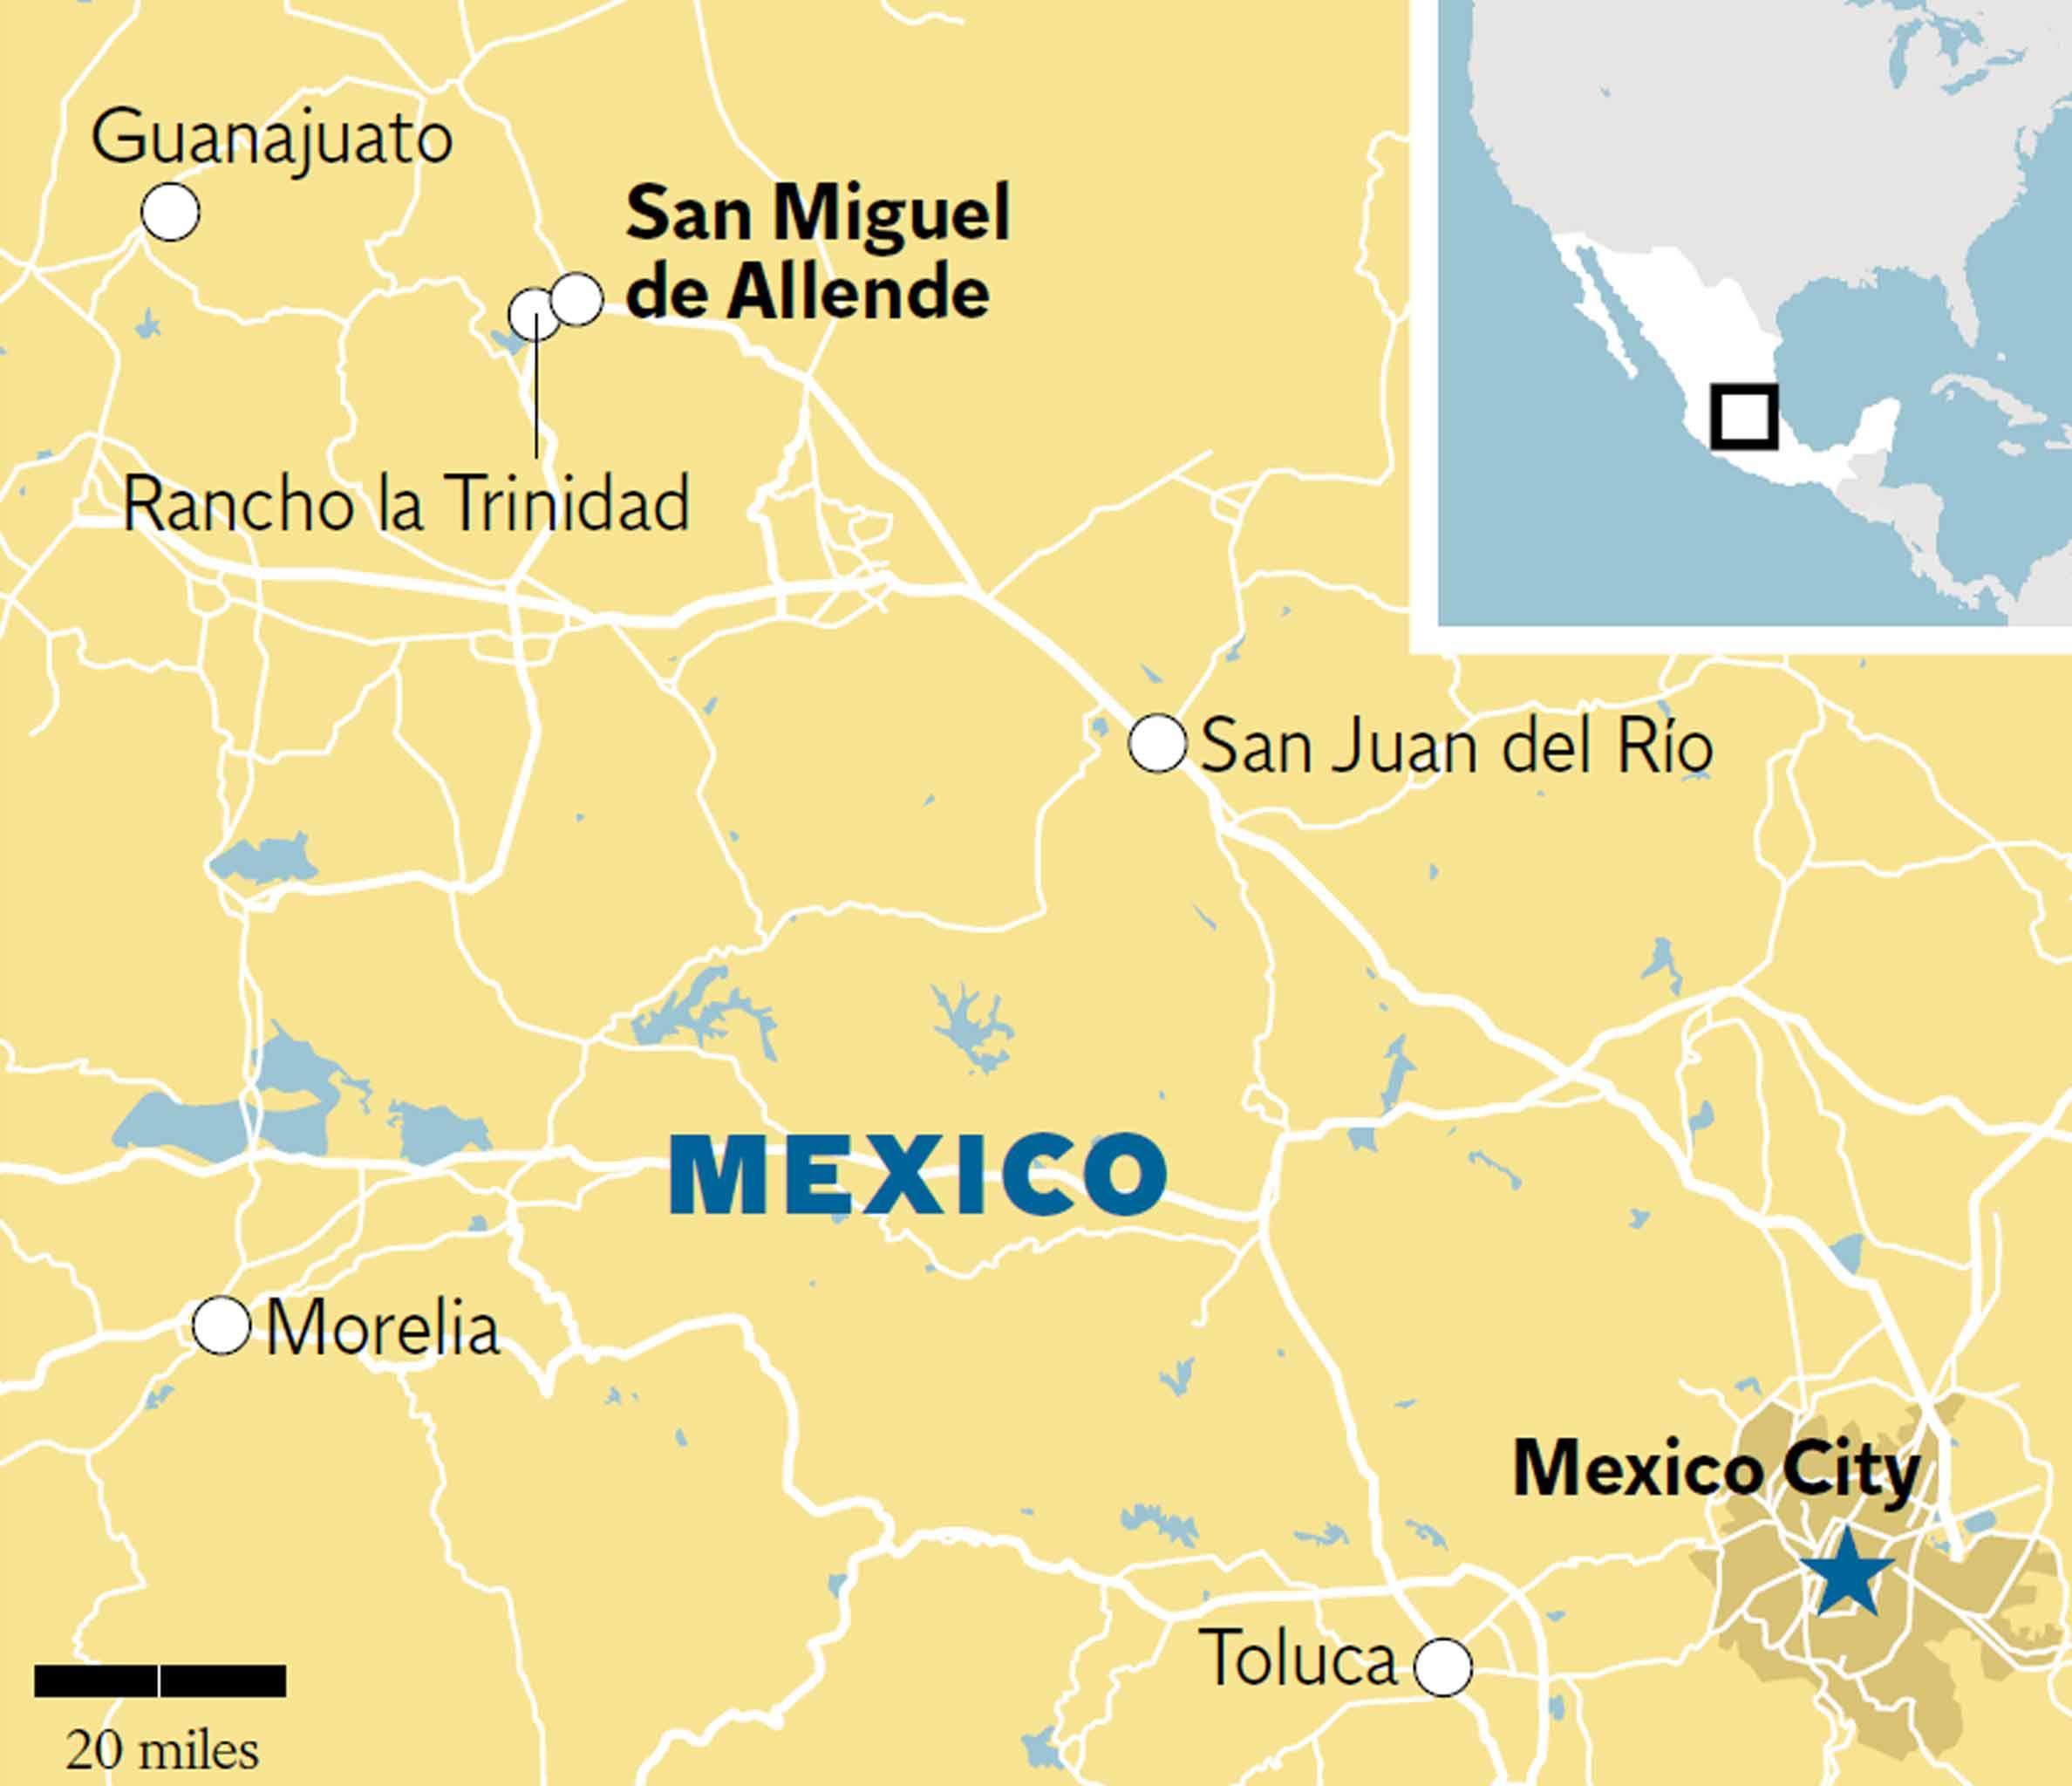 San Miguel de Allende: The new gourmet capital of Mexico ... on ixtapan de la sal mexico map, excellence resorts mexico map, plaza garibaldi mexico map, ayotzinapa mexico map, tequesquitengo mexico map, anenecuilco mexico map, lagos de moreno mexico map, tenayuca mexico map, san miguel cozumel mexico map, punta chivato mexico map, chilapa mexico map, allende coahuila mexico map, lake cuitzeo mexico map, guanajuato mexico map, mazamitla mexico map, torreón mexico map, valle de bravo mexico map, colima volcano mexico map, coba mexico map, tulancingo mexico map,